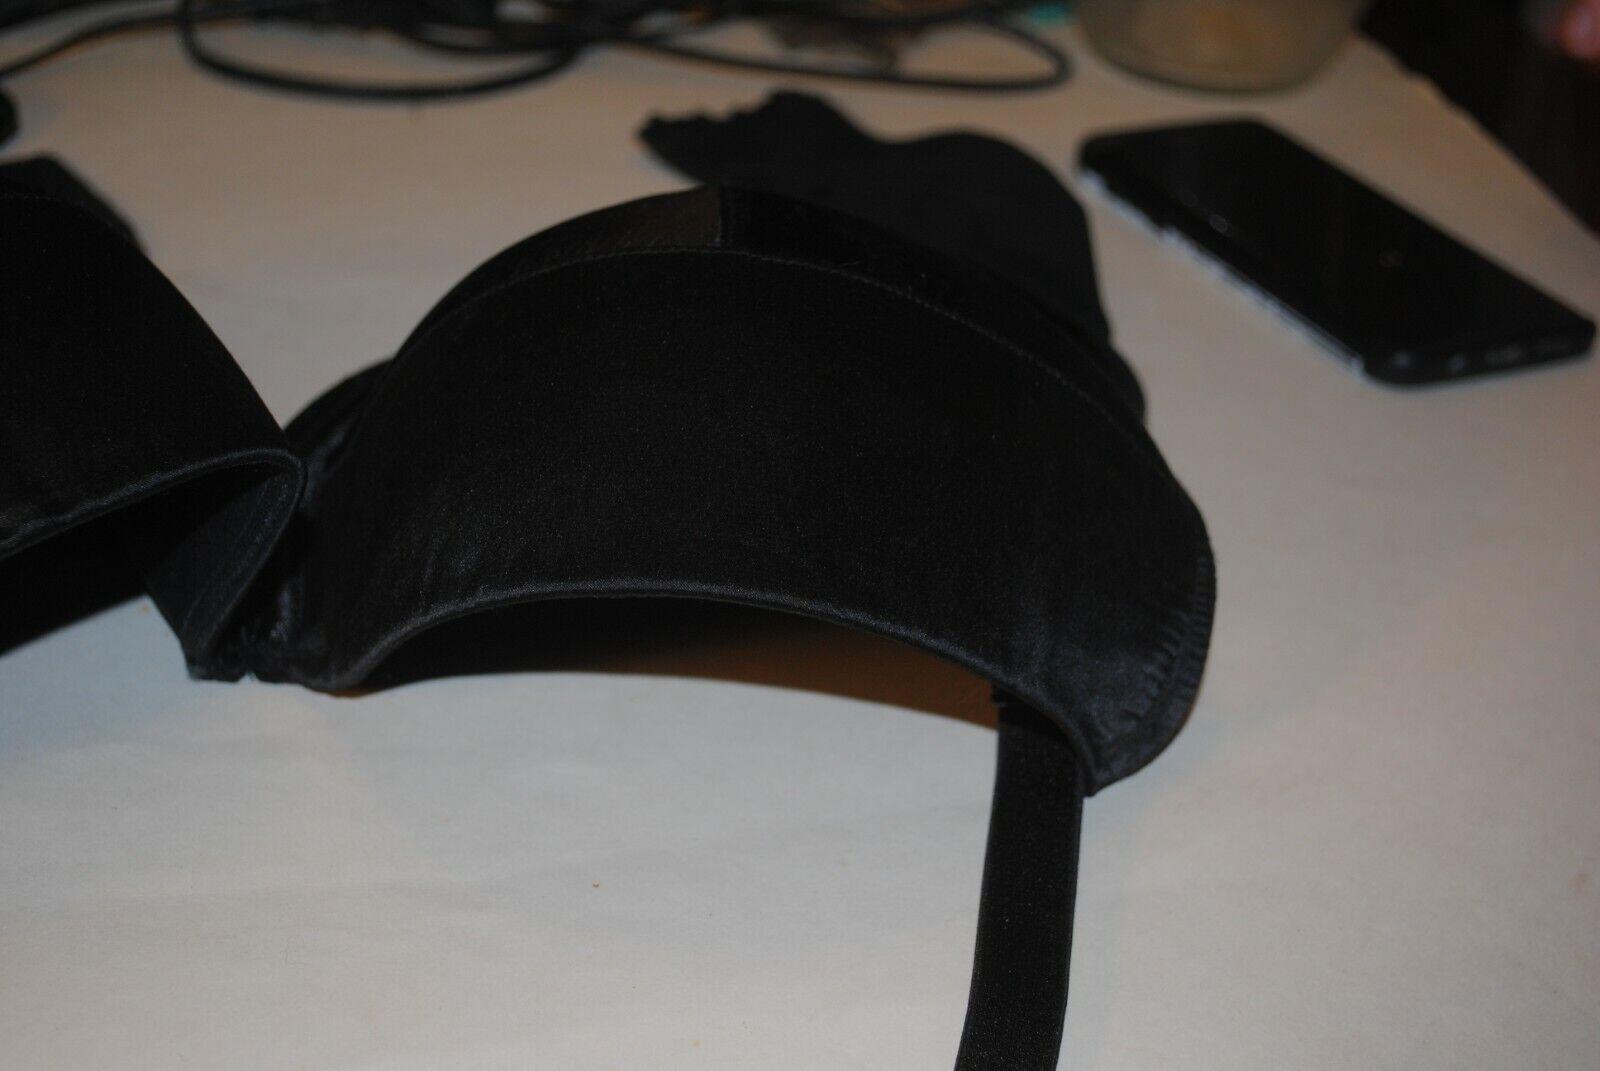 Cacique Brand 44C Black Ladies Brassiere - image 2